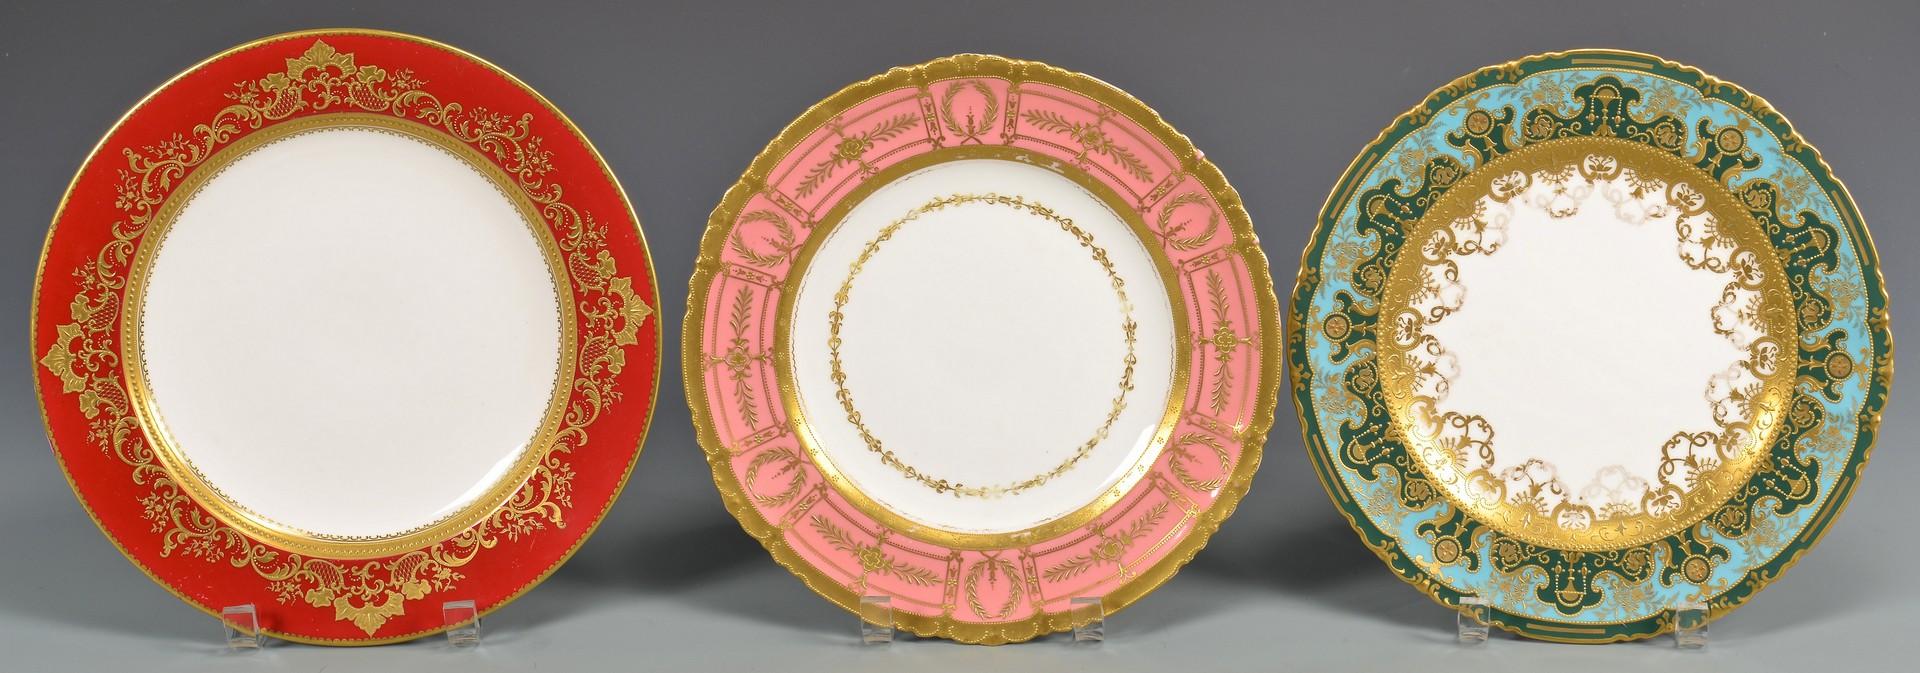 Lot 602: 12 Gilded Porcelain Cabinet Plates